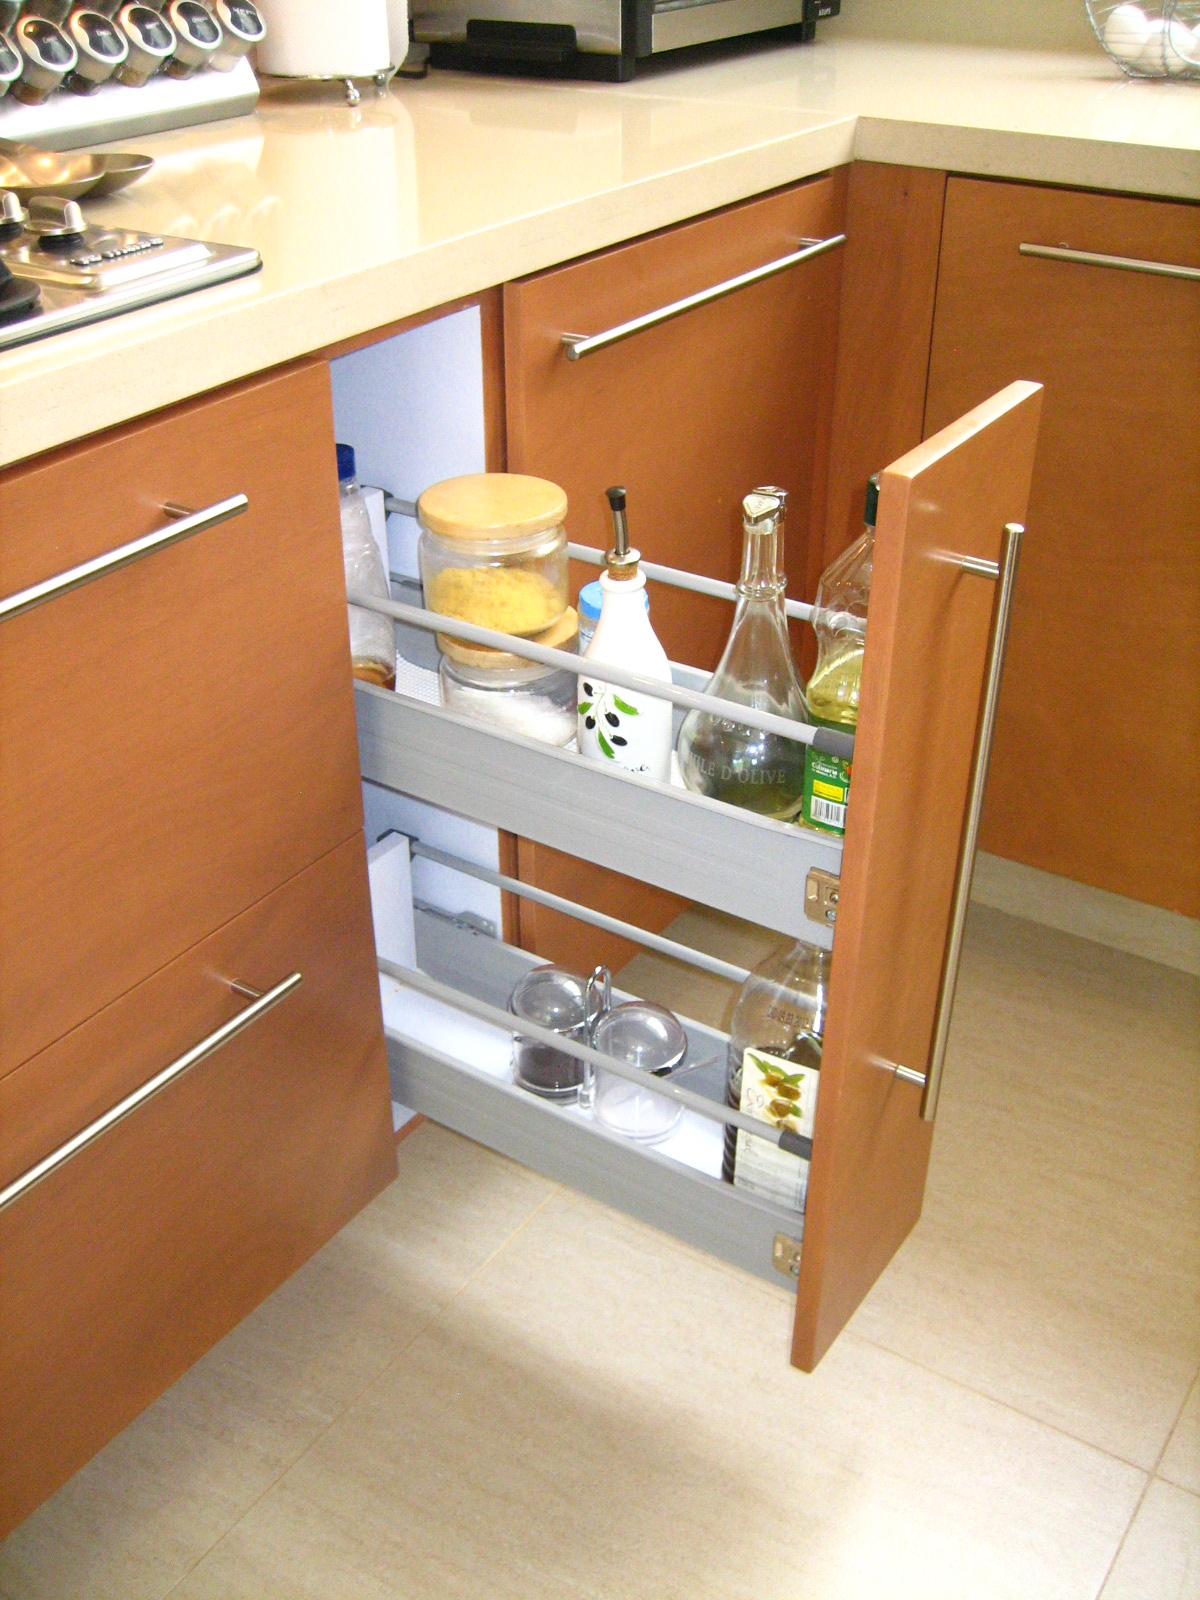 Accesorios para muebles de cocina hafele - Muebles accesorios cocina ...